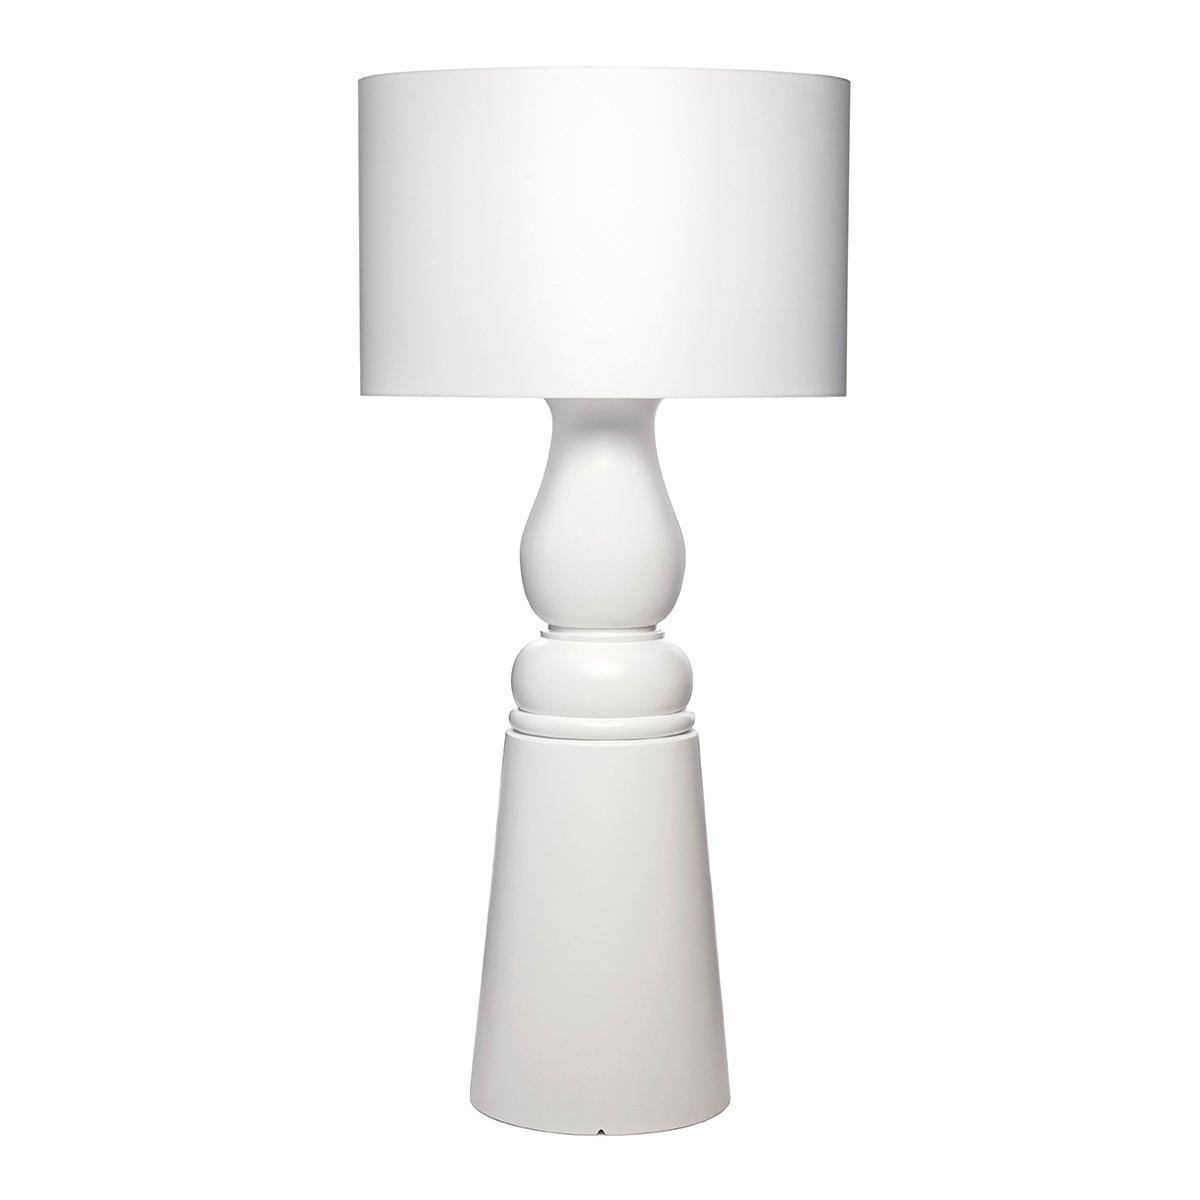 Moooi Farooo Vloerlamp - Wit - Large